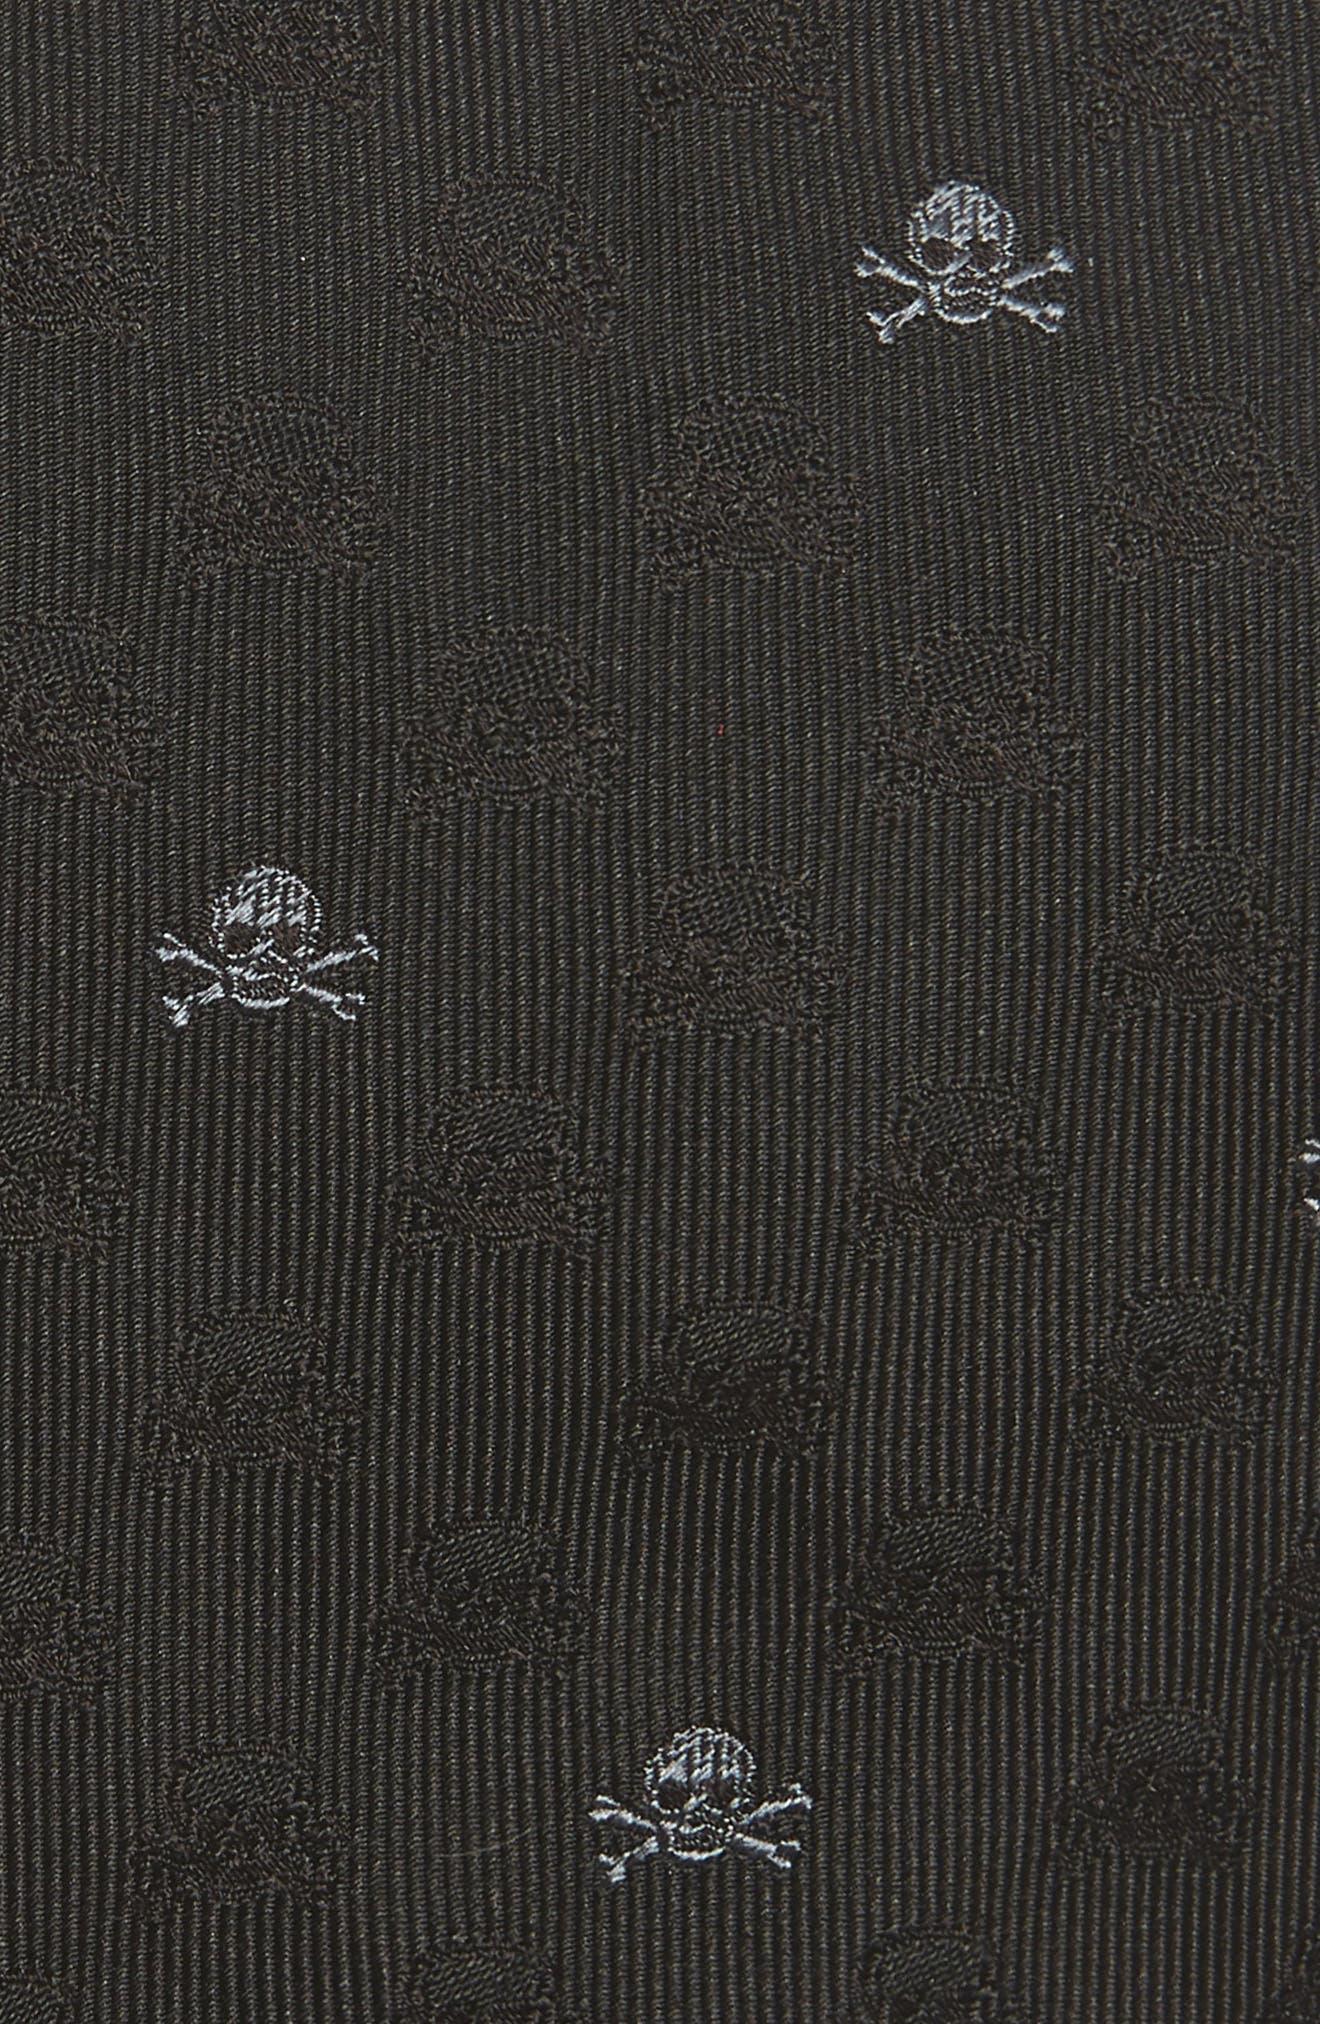 Skull & Crossbones Silk Tie,                             Alternate thumbnail 2, color,                             BLACK